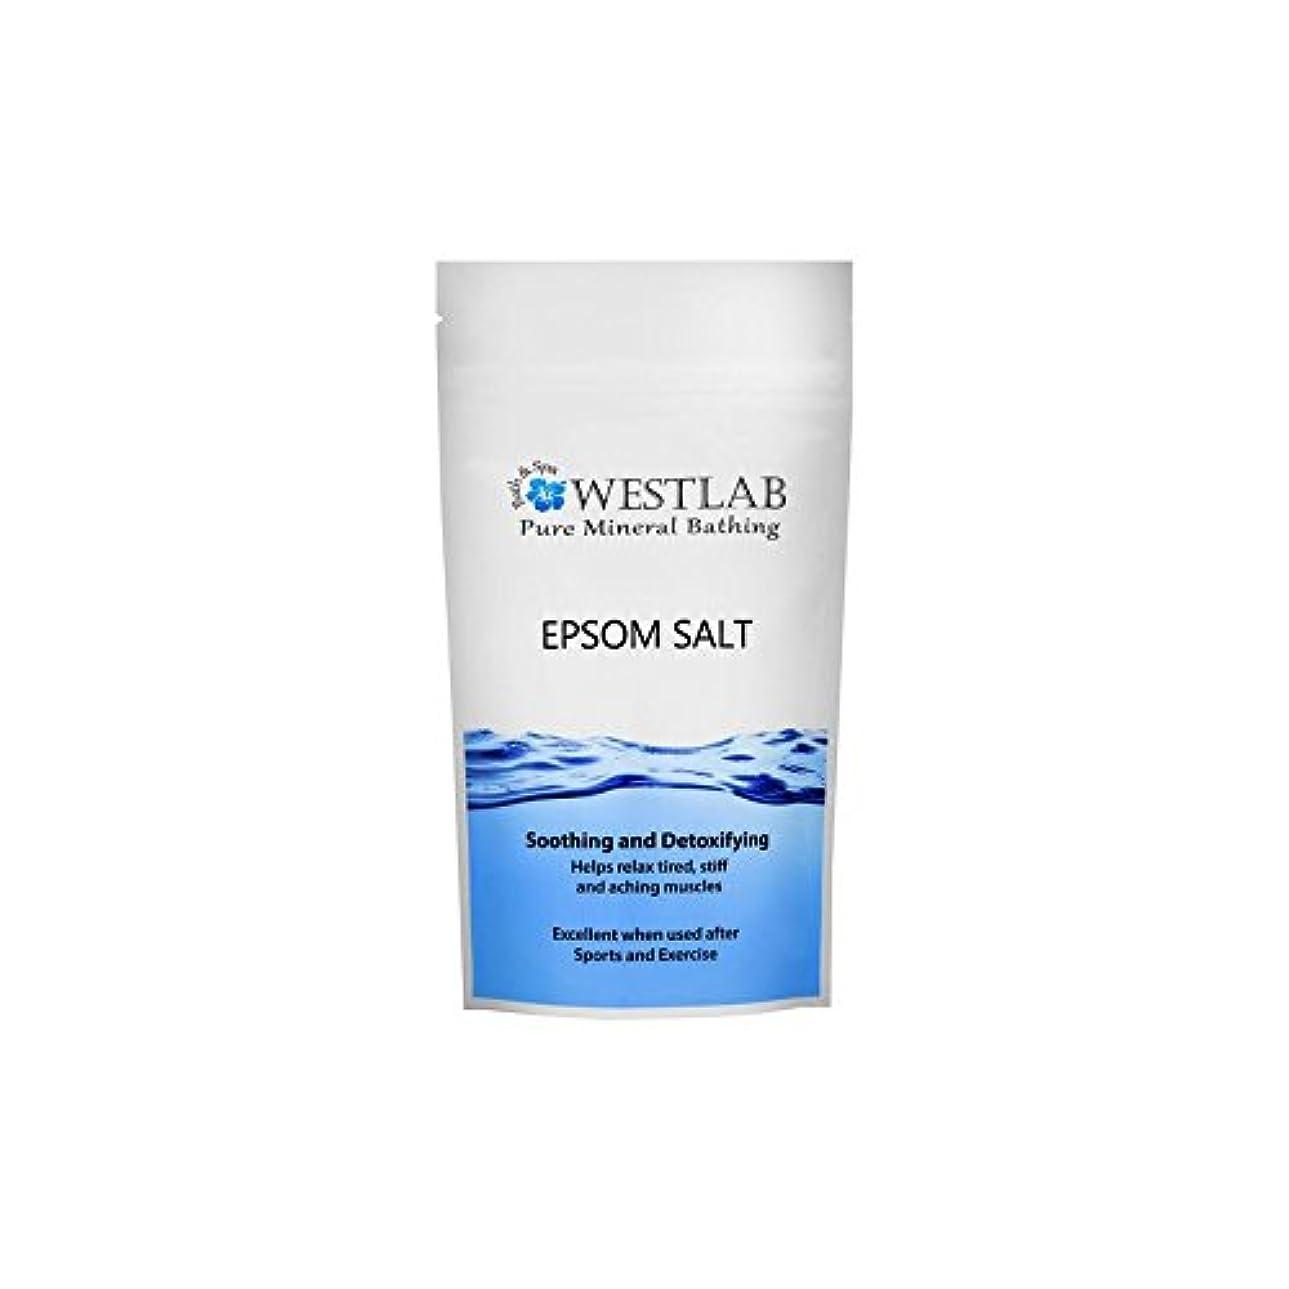 先のことを考える祭り動くエプソム塩の1キロ x4 - Westlab Epsom Salt 1kg (Pack of 4) [並行輸入品]